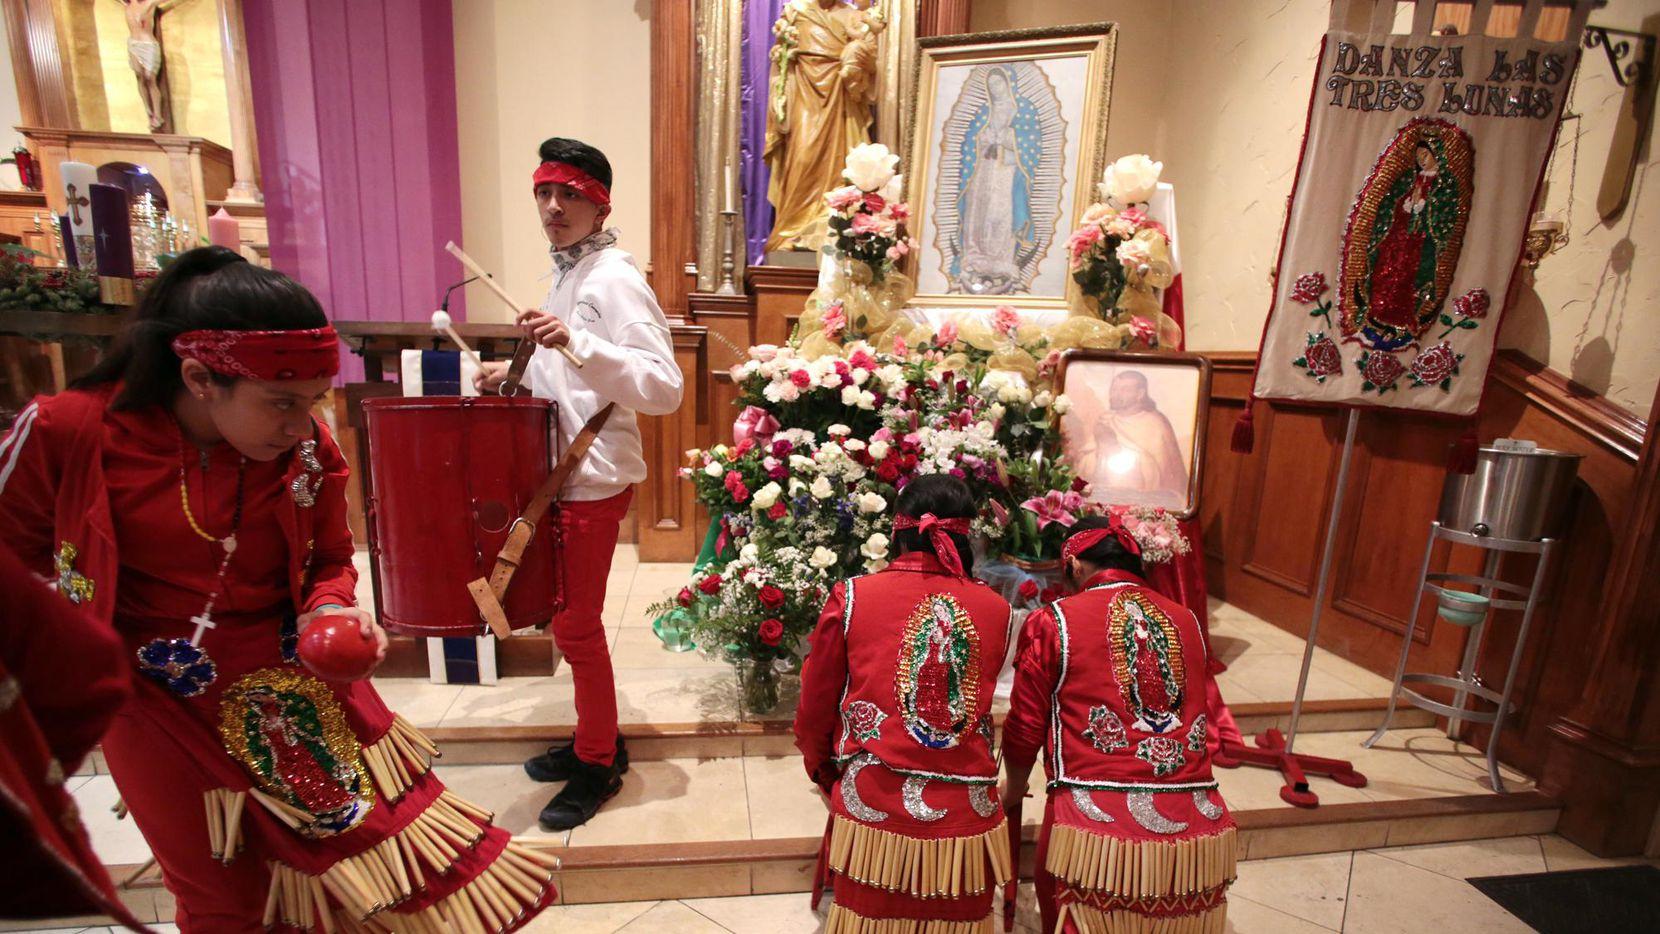 El conjunto de matachines Danza las Tres Lunes participaron de uno de los festejos previos al Día de la Virgen de Guadalupe, el lunes.  MARIA OLIVAS/DMN